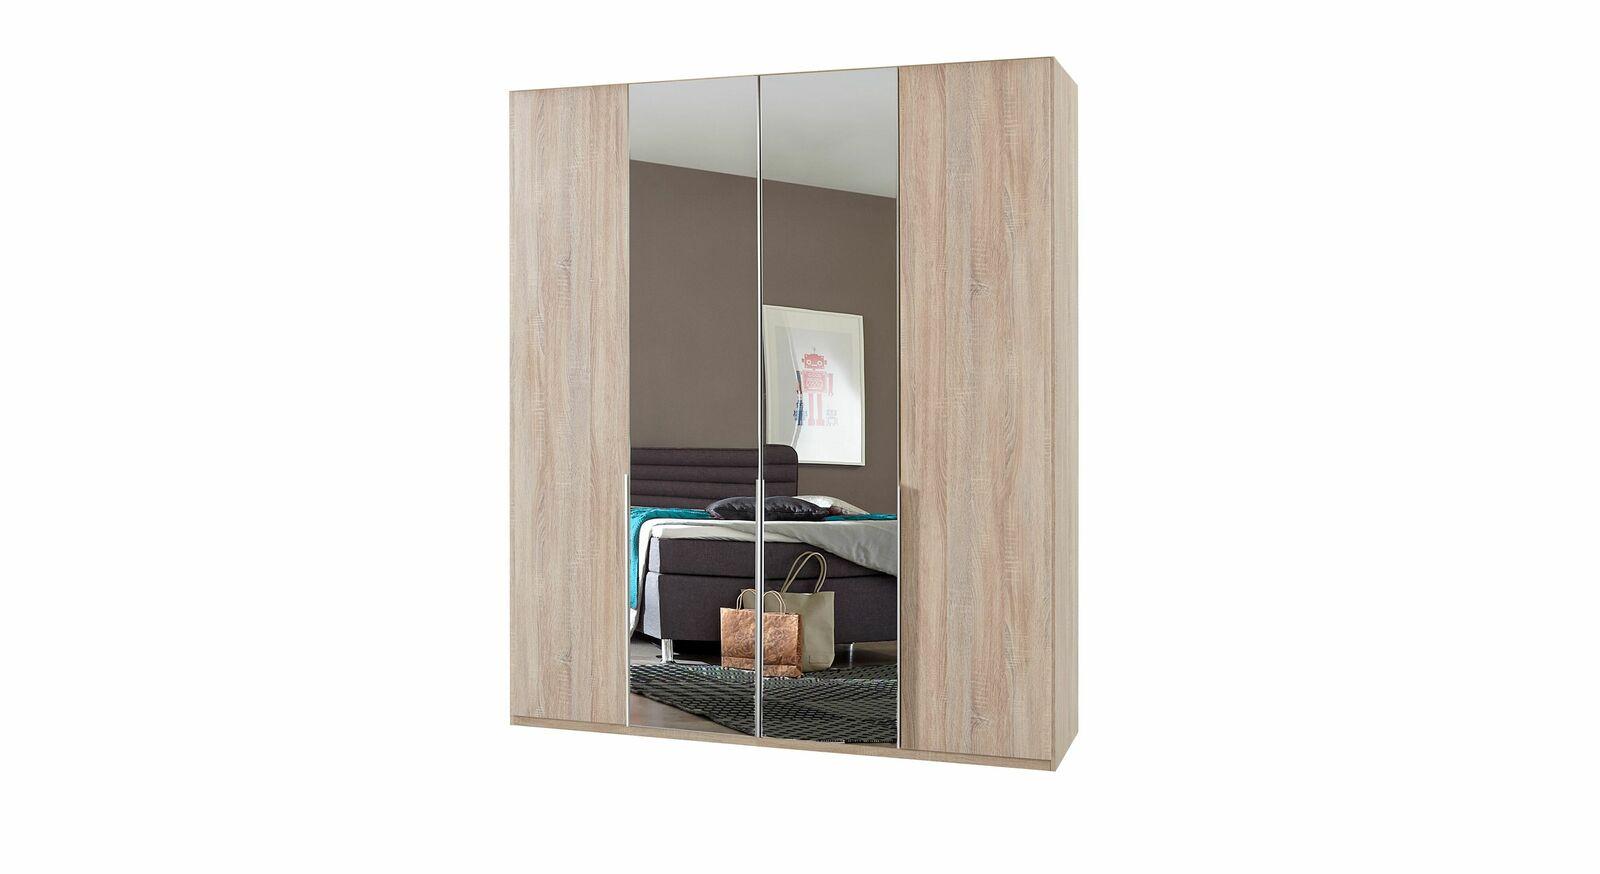 Drehtüren-Kleiderschrank Coreno optional mit Spiegelfront